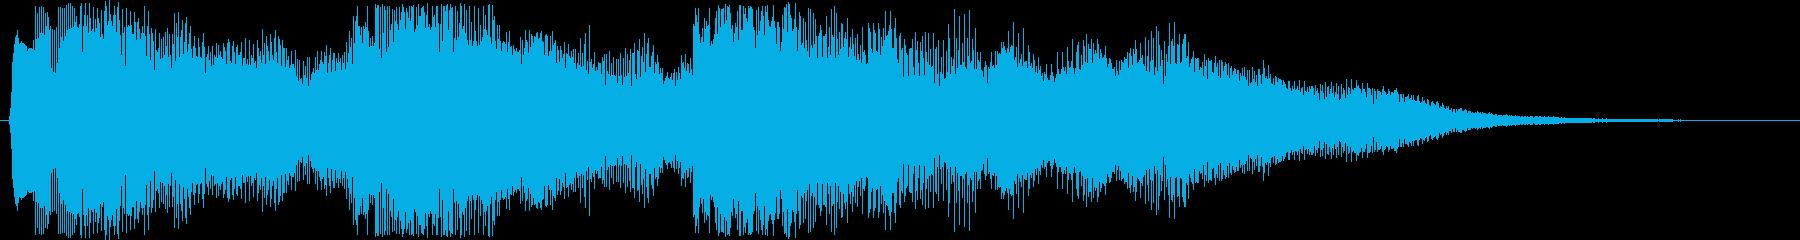 8bitキラキラな場面転換音 転回音の再生済みの波形